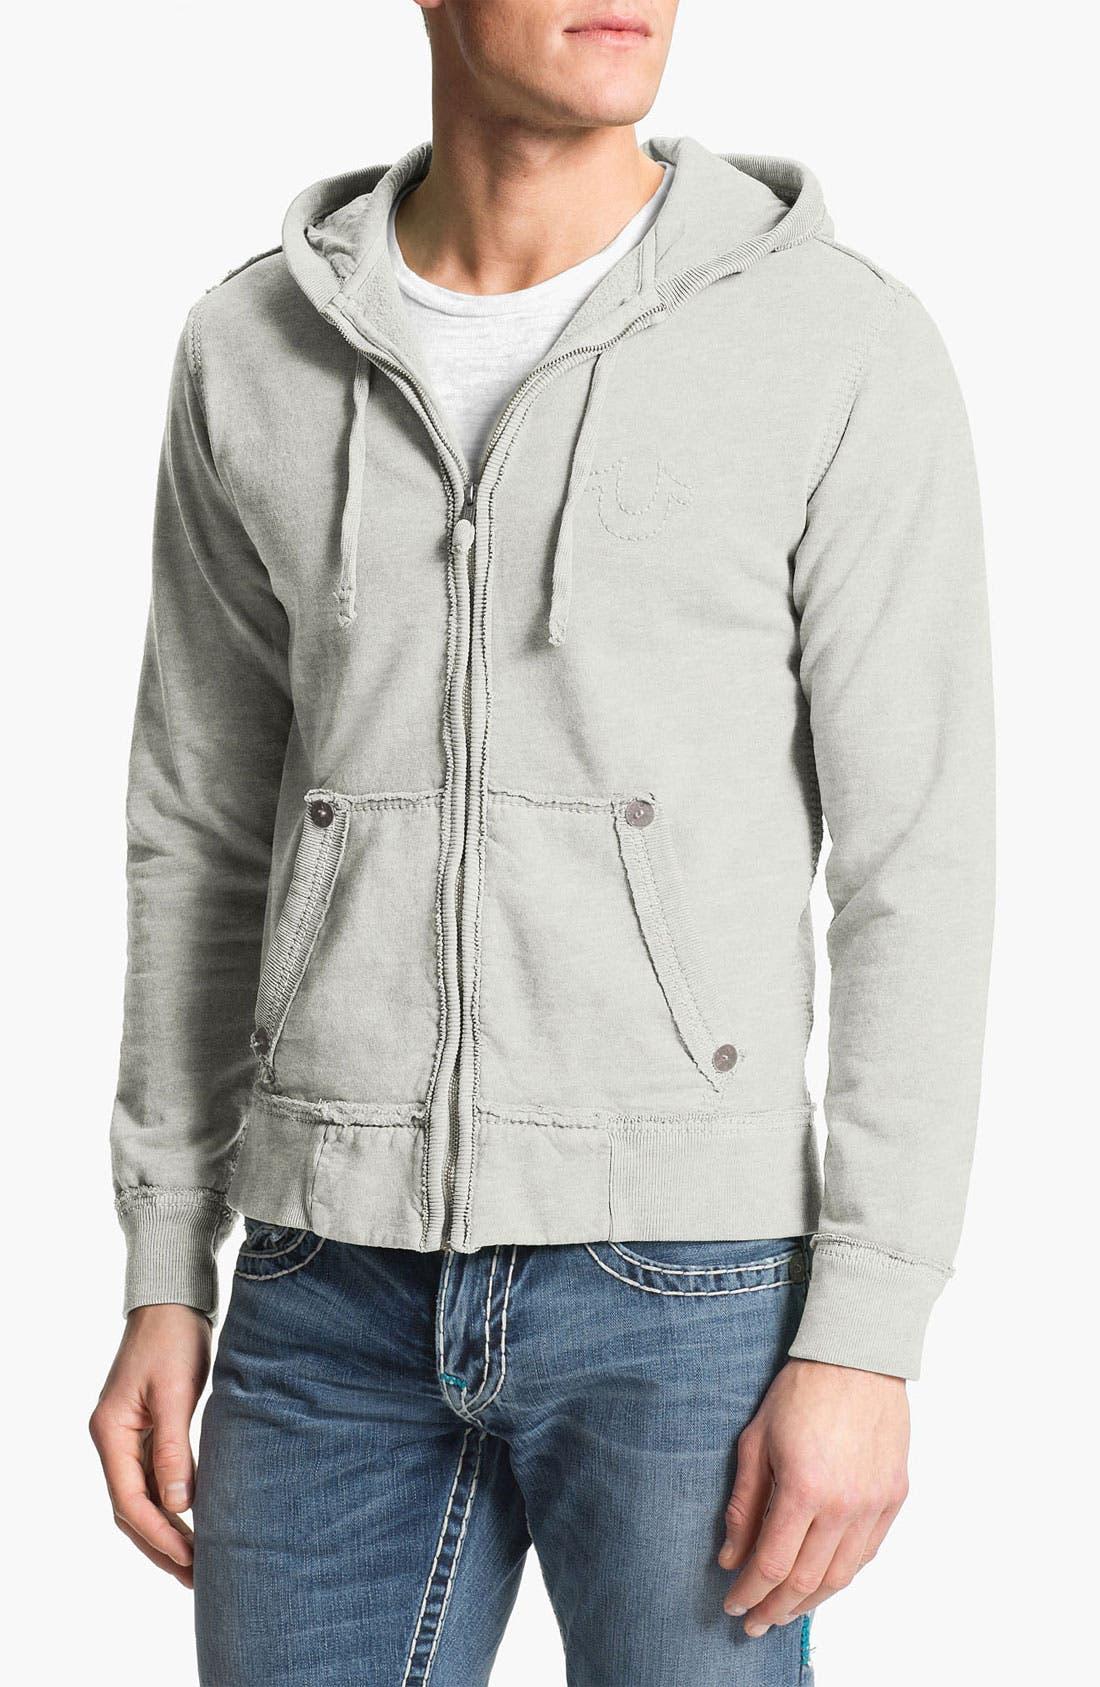 Alternate Image 1 Selected - True Religion Brand Jeans 'Big T' Zip Hoodie